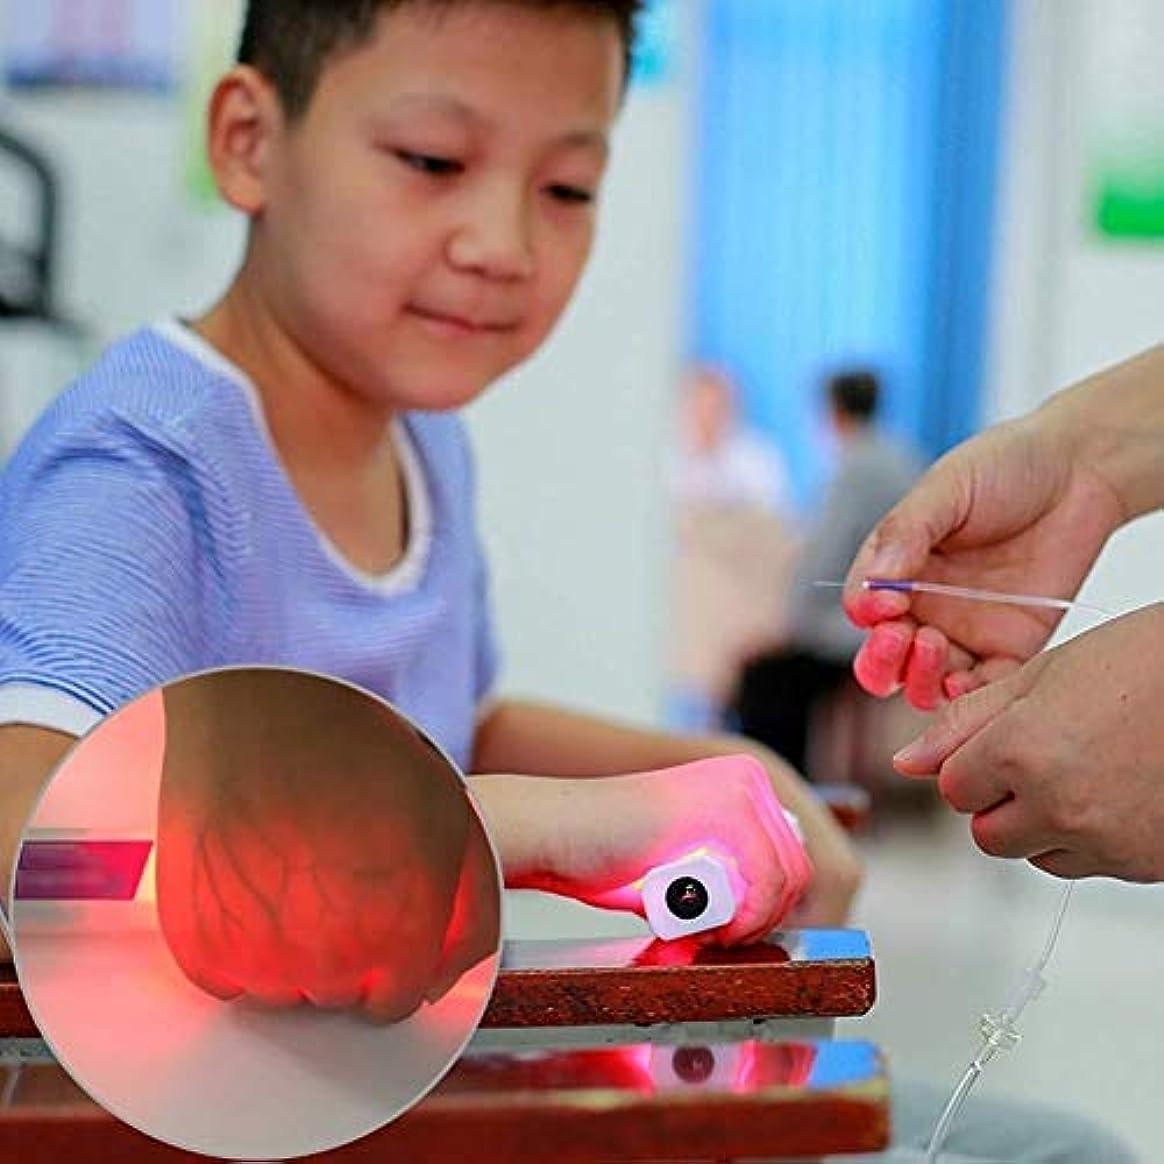 胃無駄に深く赤外線静脈ファインダービューアーポータブル医療赤外線静脈ロケーター照明可視光検出器看護師医師の血液採取